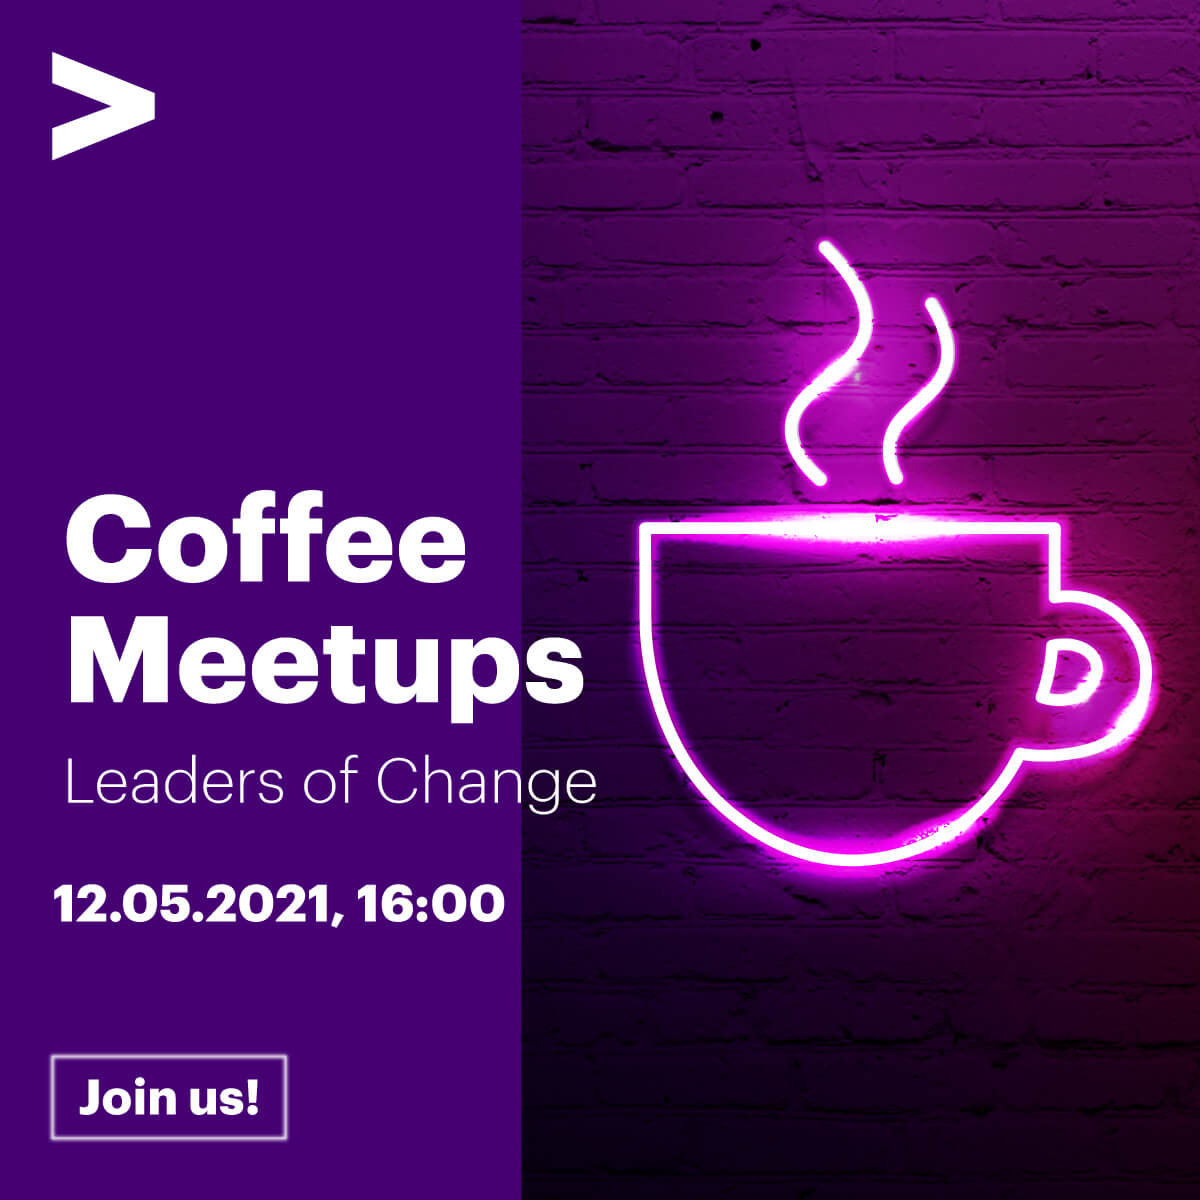 Zapraszamy na wyjątkowe wydarzenie Accenture Coffee Meetups: Leaders of Change.